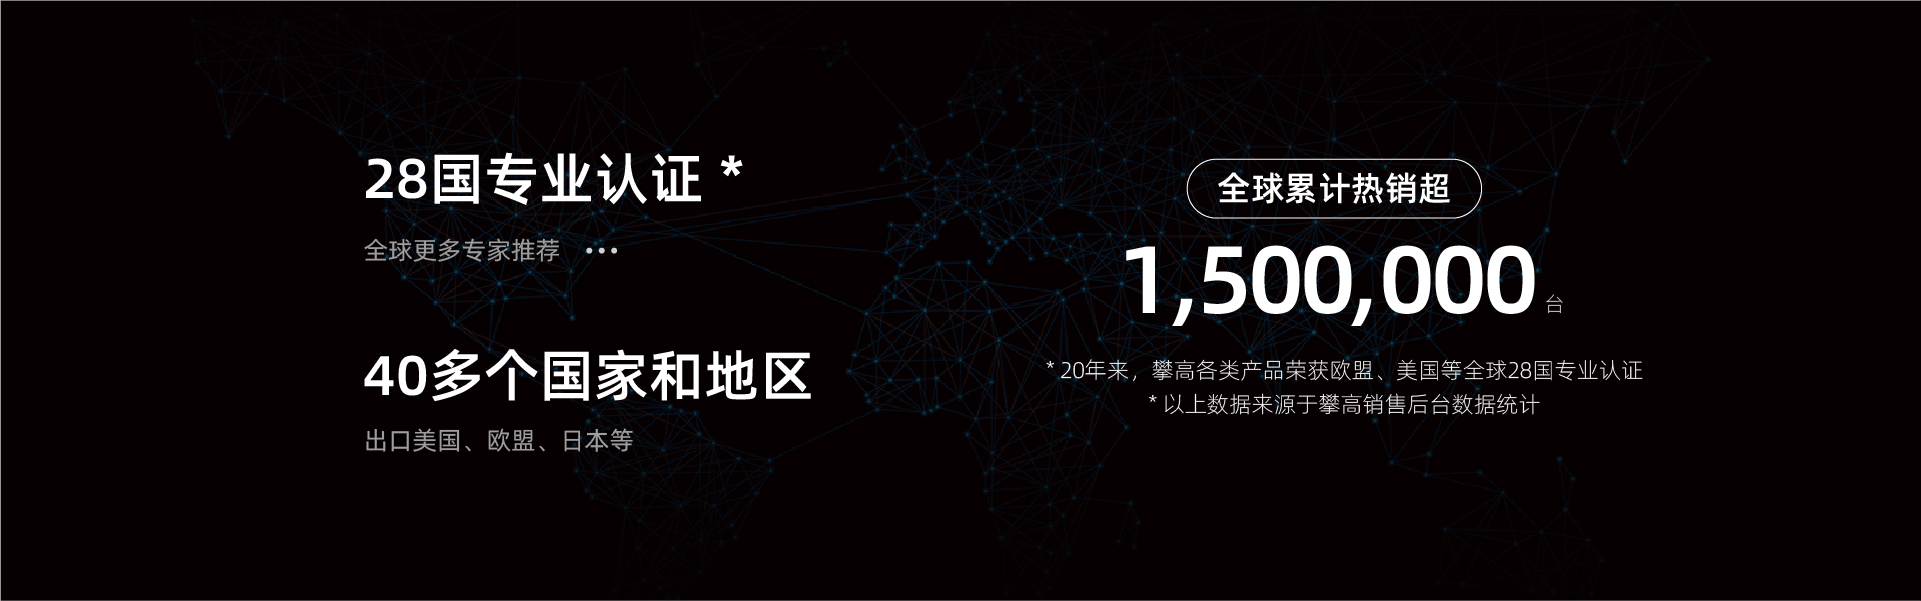 20200526攀高官网澳门太阳城-06